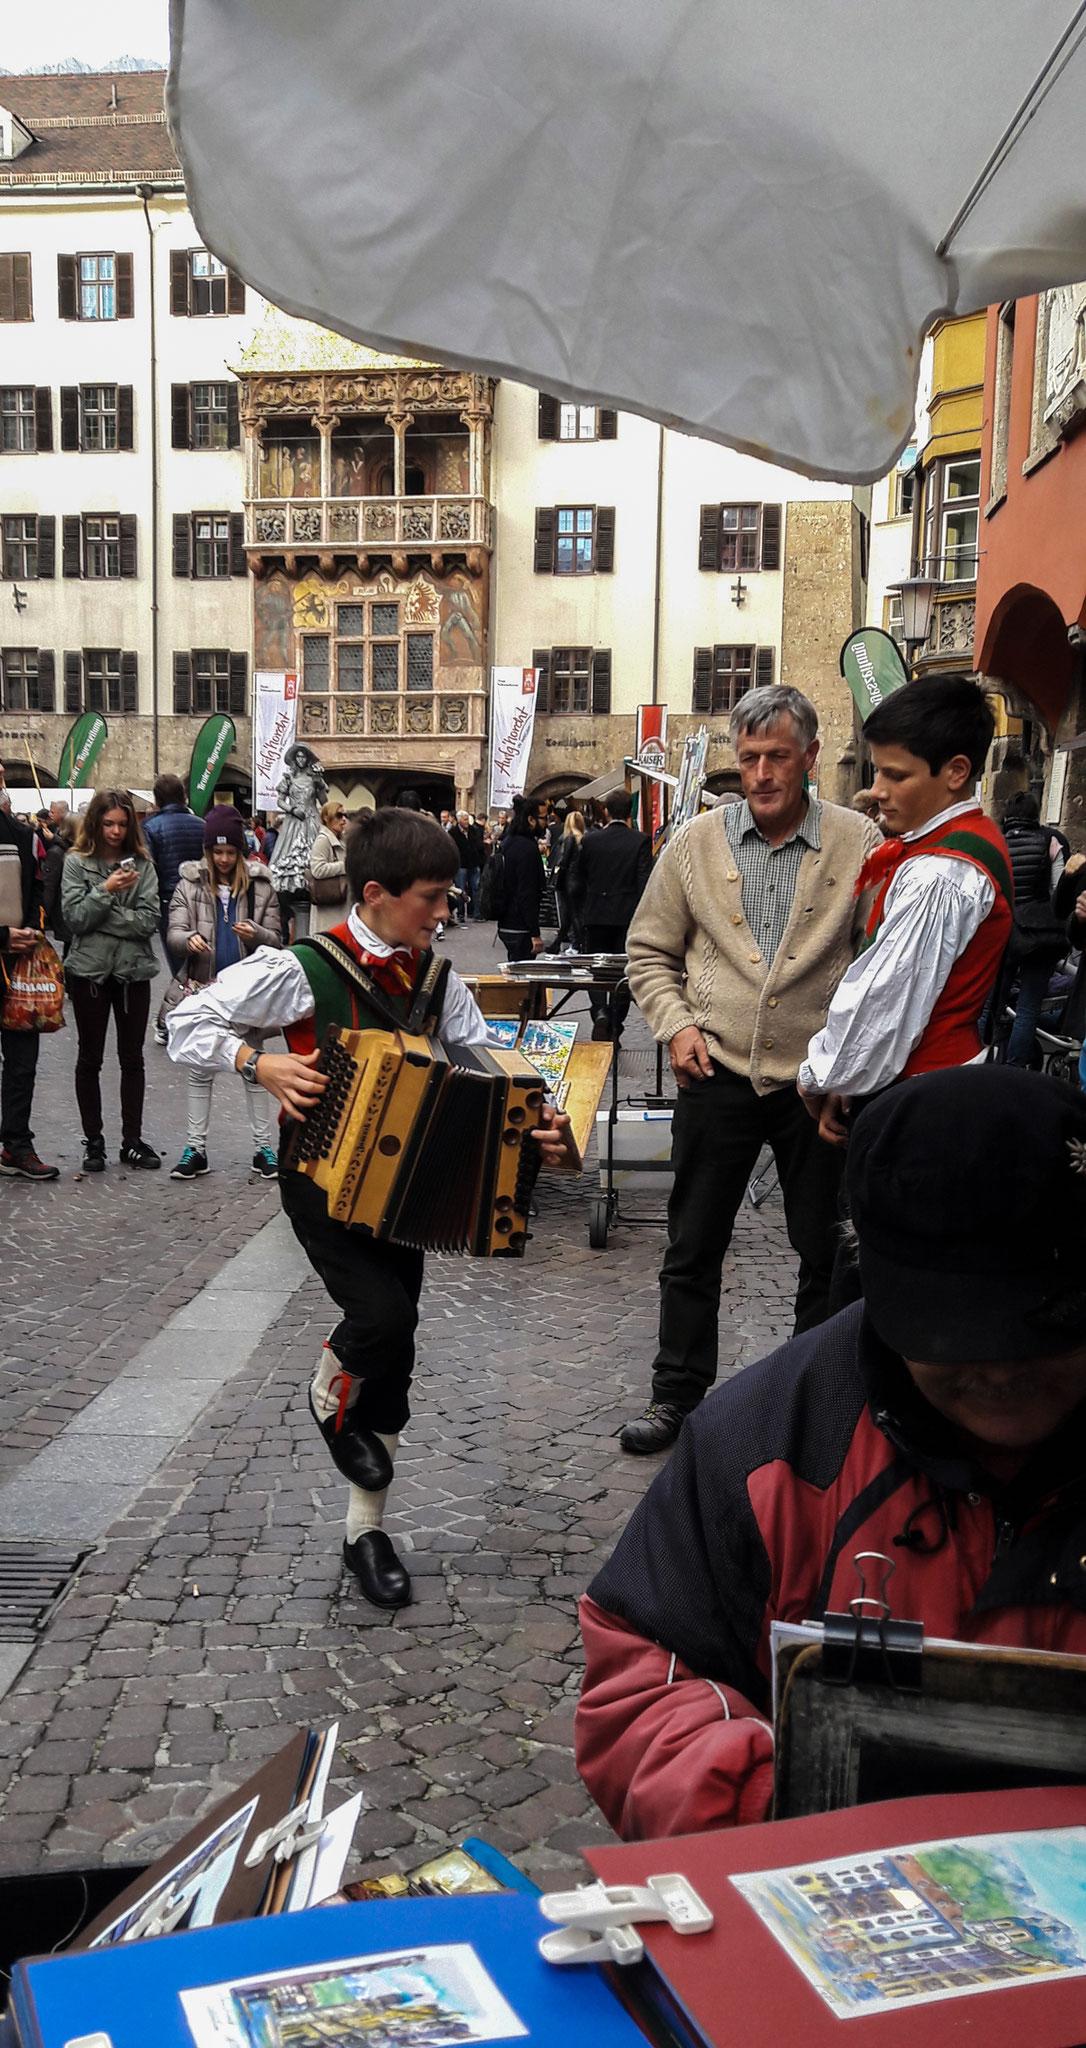 Veranstaltung in der Altstadt anlässlich des Volksmusikwettbewerb in Innsbruck v. 27. - 30. Okt. 2016